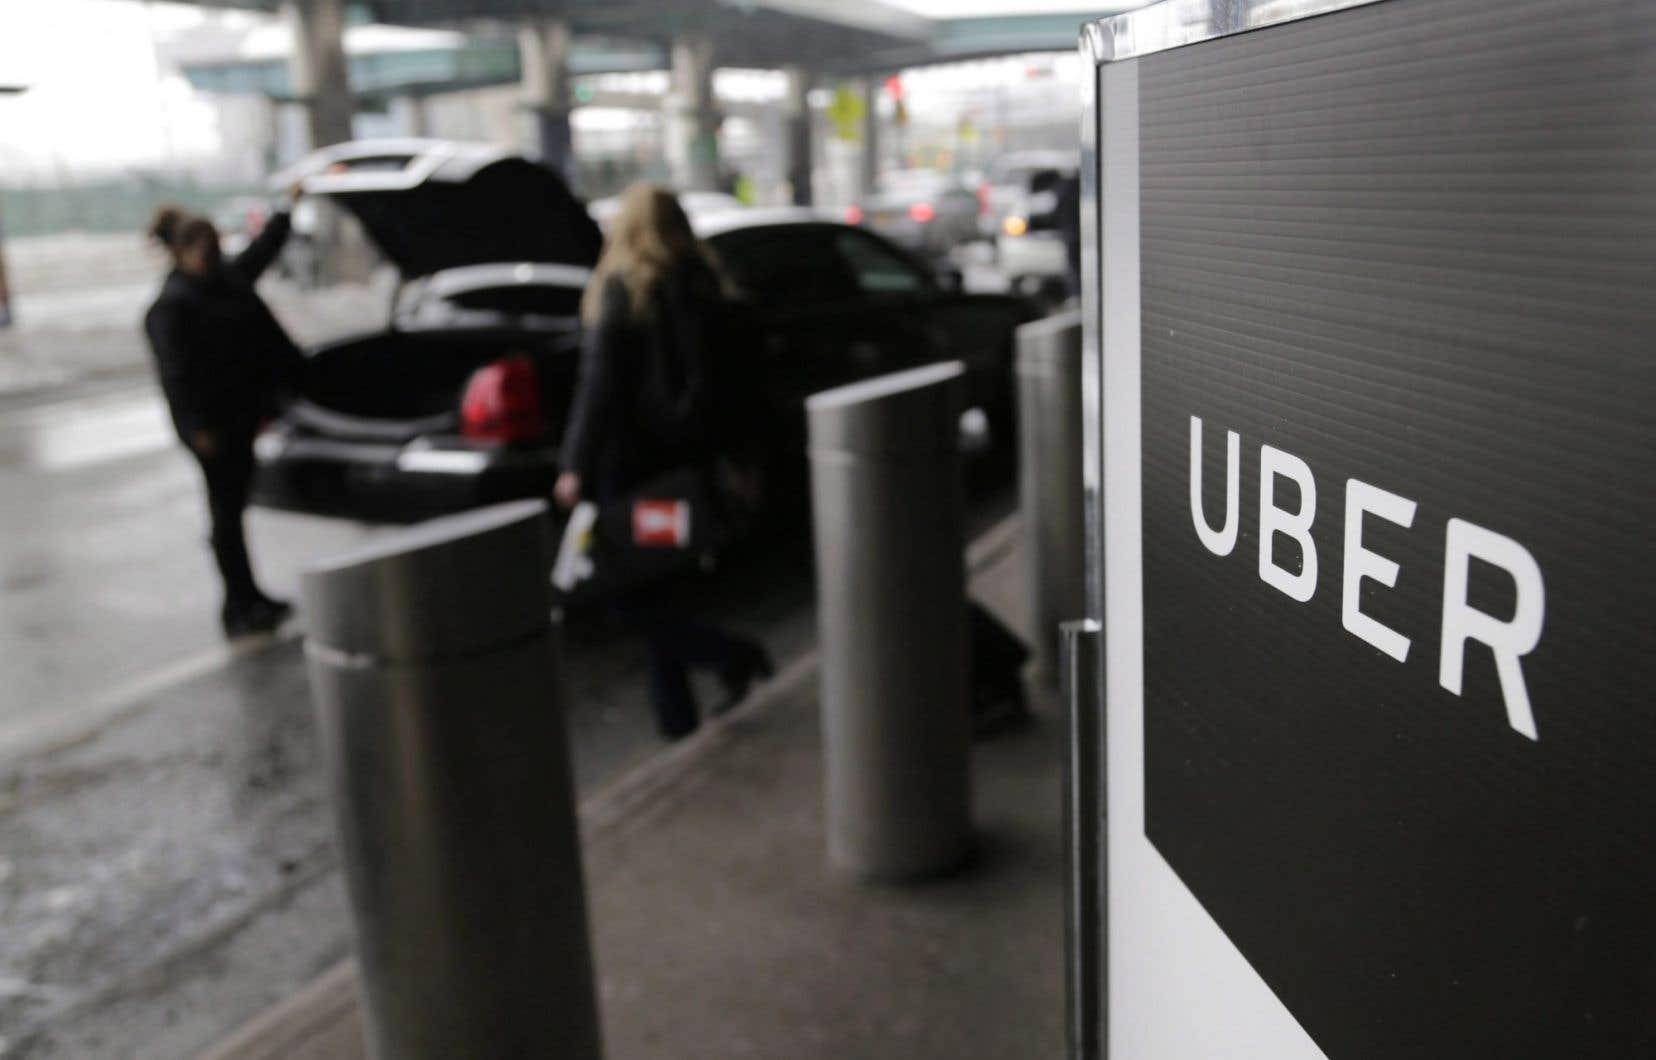 Uber n'accepte pas l'exigence gouvernementale d'une formation obligatoire 35 heures avant que les chauffeurs puissent prendre le volant.